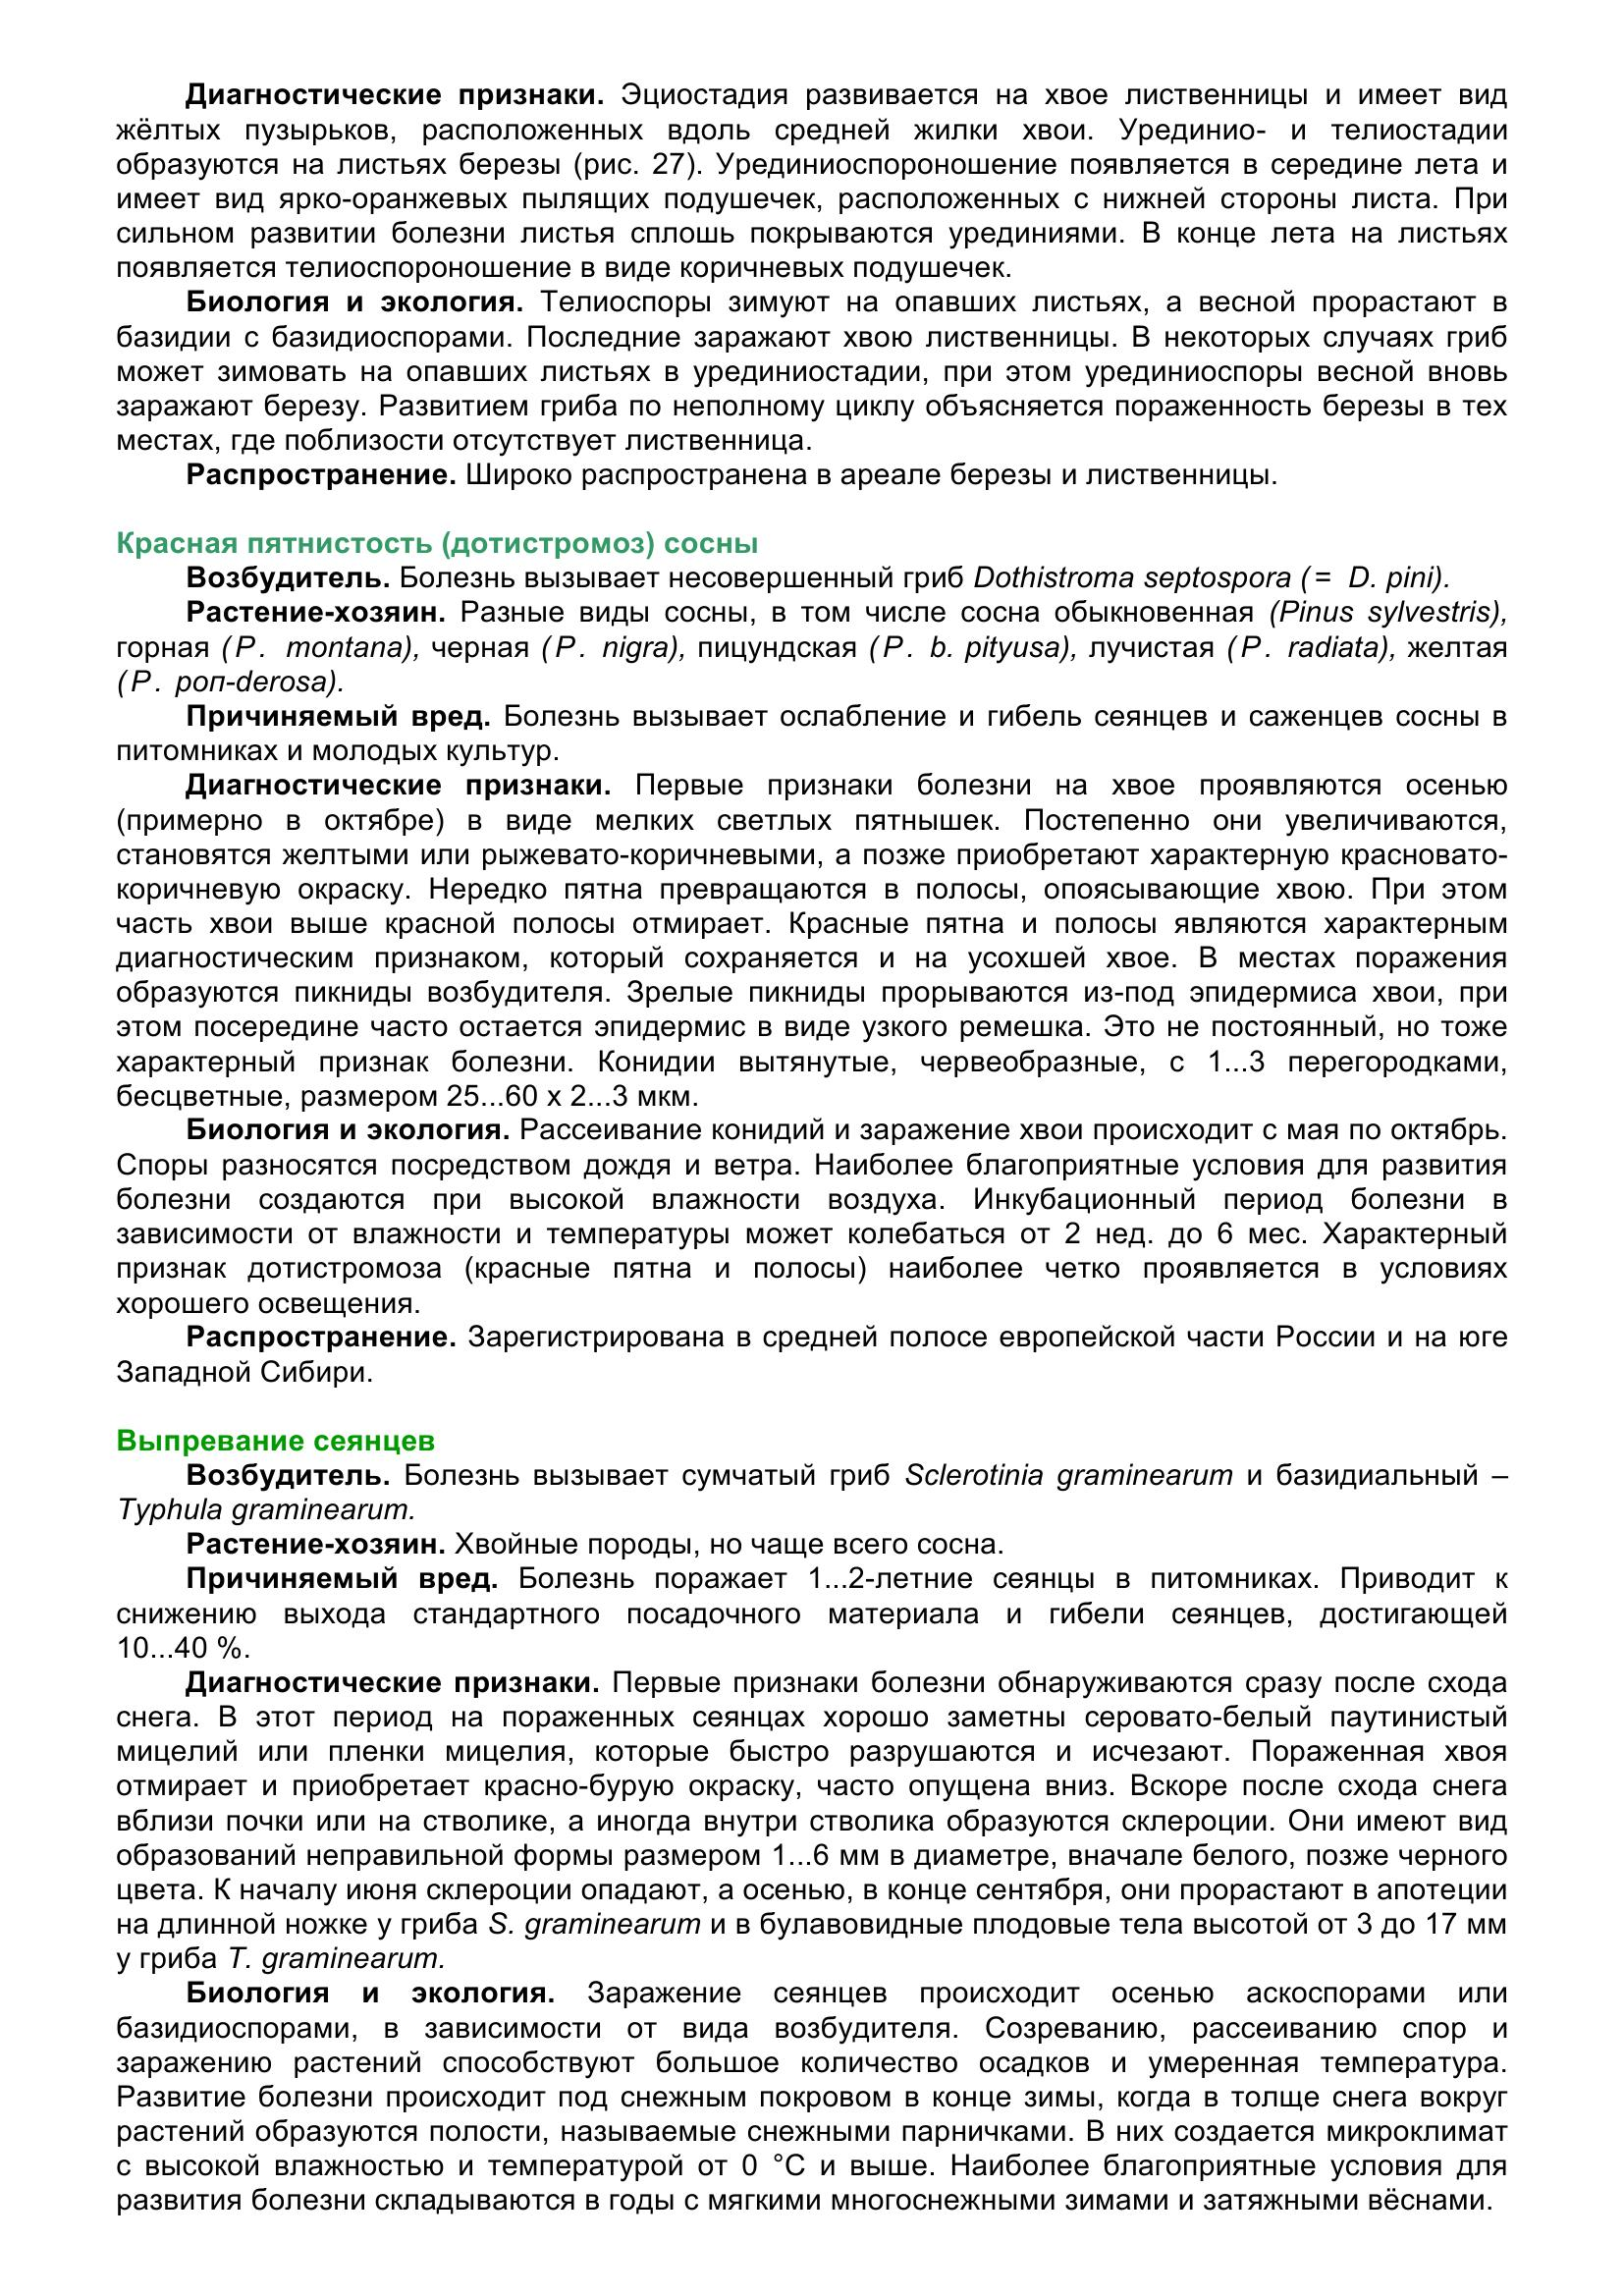 Болезни_древесных_растений_046.jpg